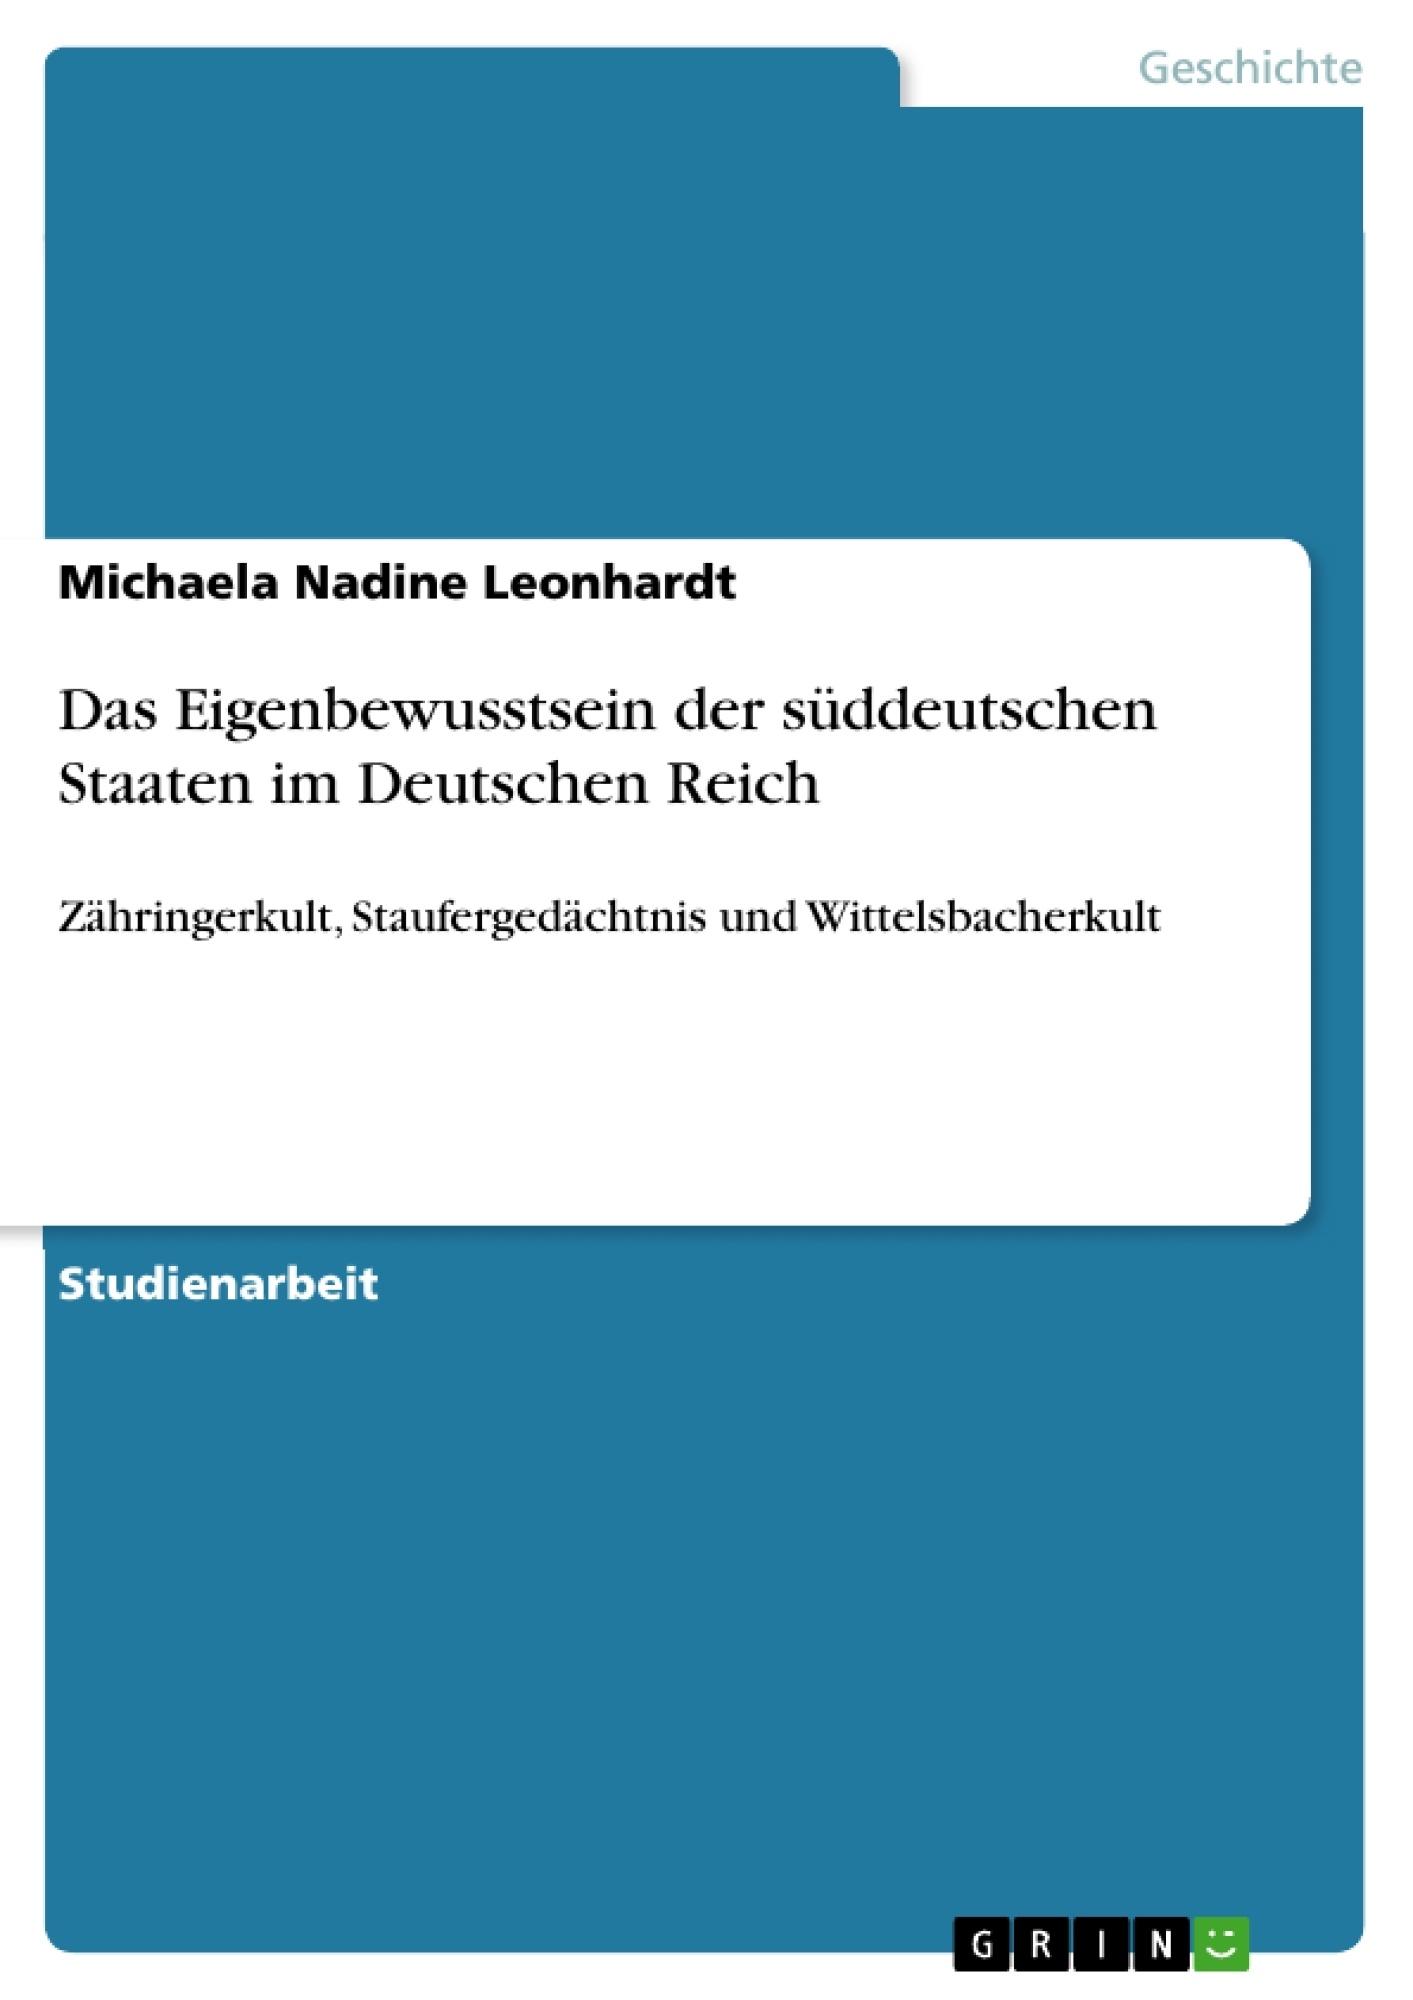 Titel: Das Eigenbewusstsein der süddeutschen Staaten im Deutschen Reich